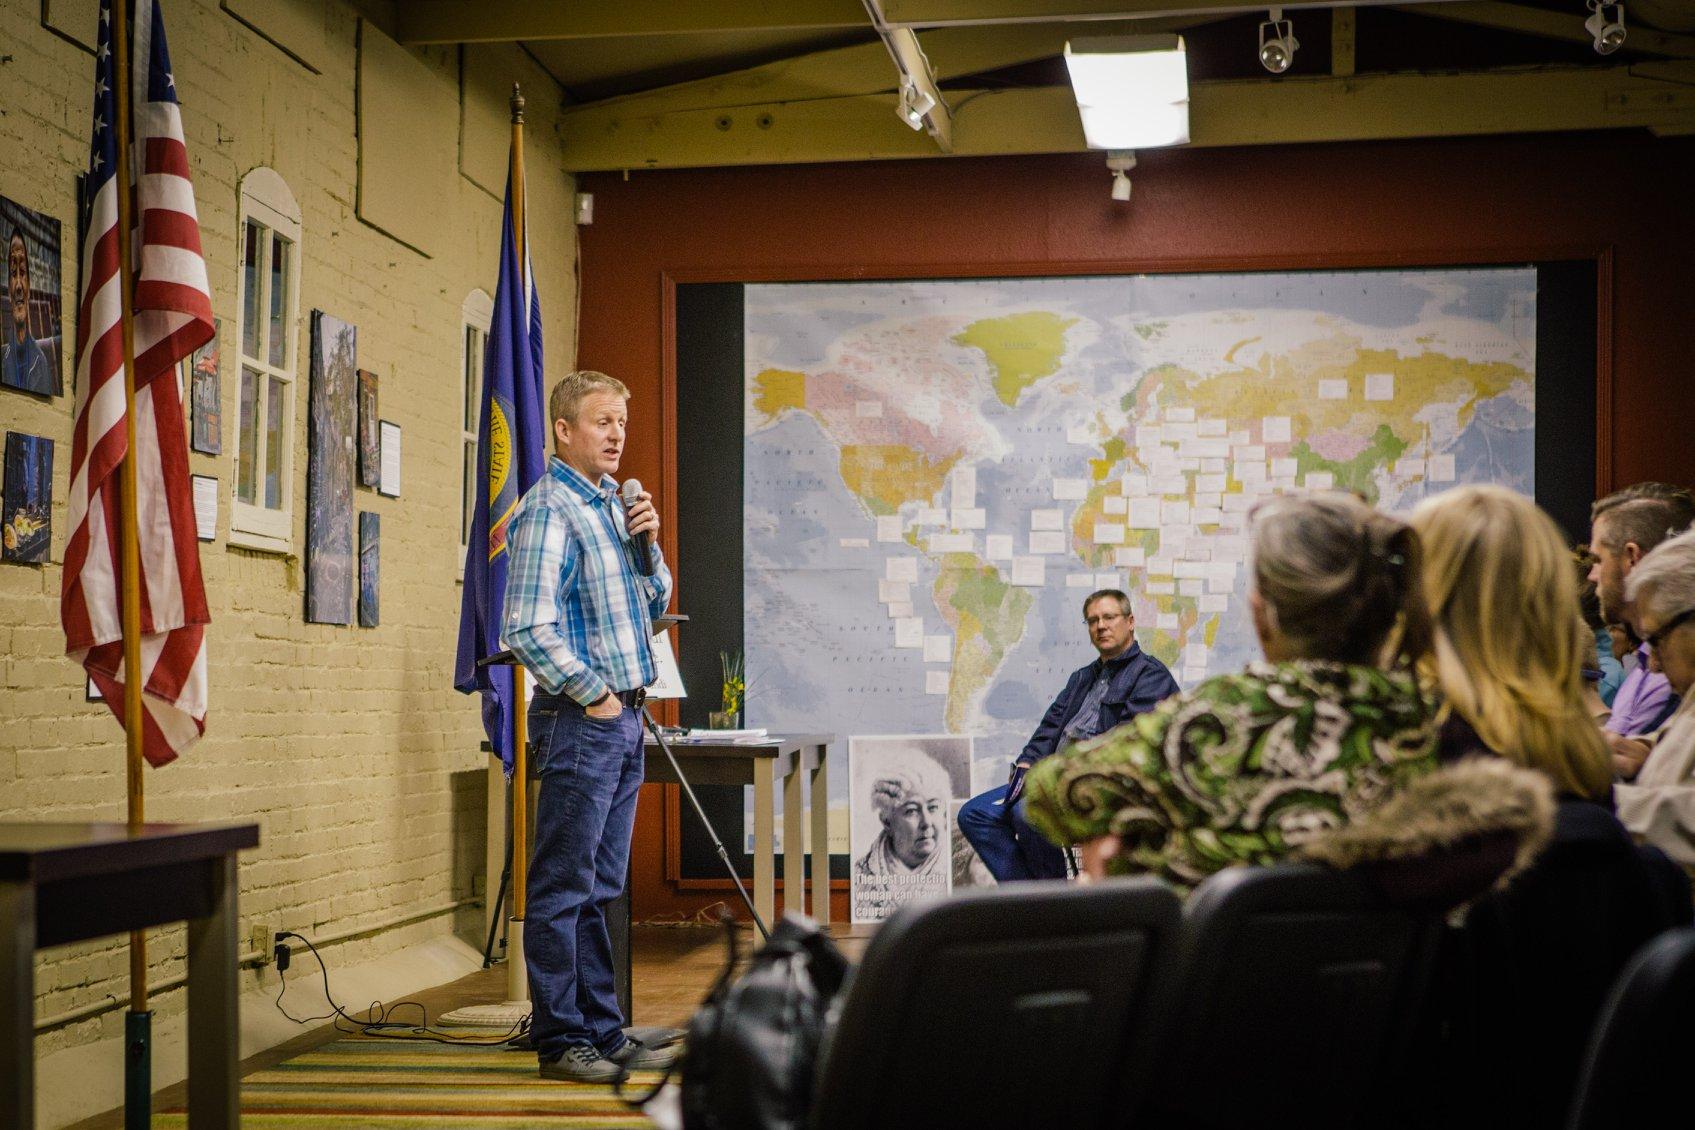 Consuming Politics, 2018 Pizza and Politics, Mat Erpelding, Kootenai Democrats